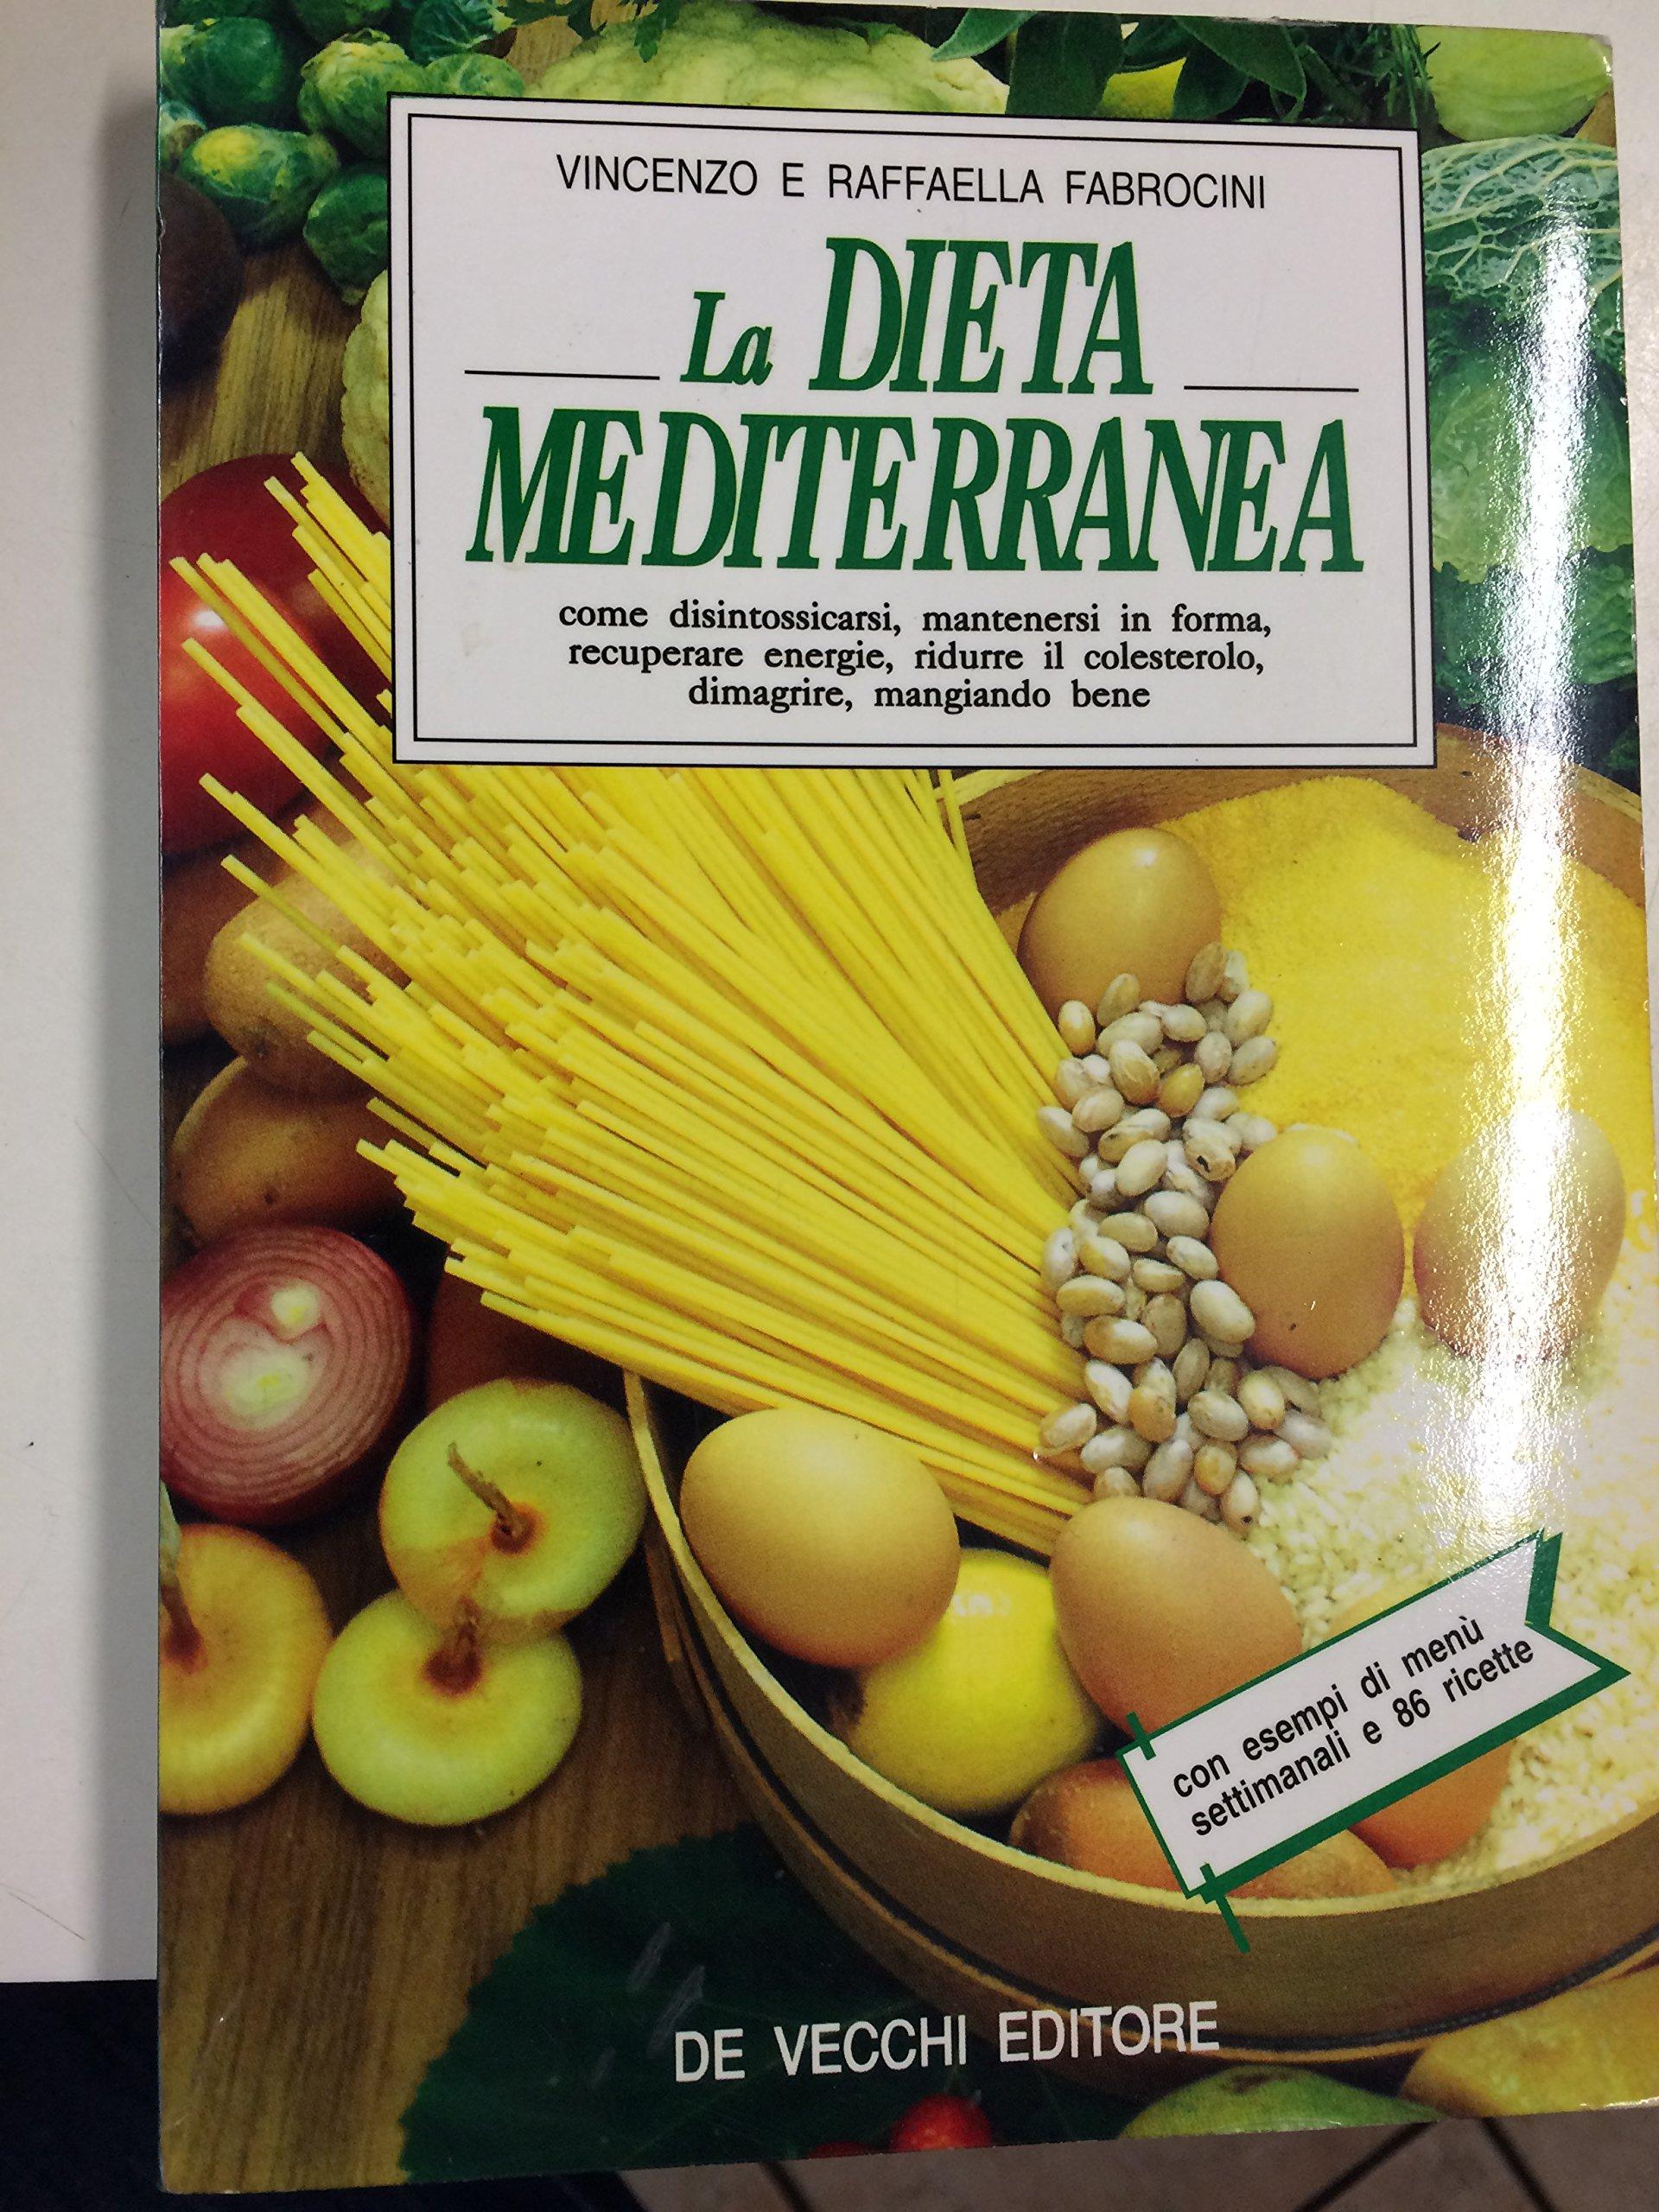 menu di una dieta mediterranea